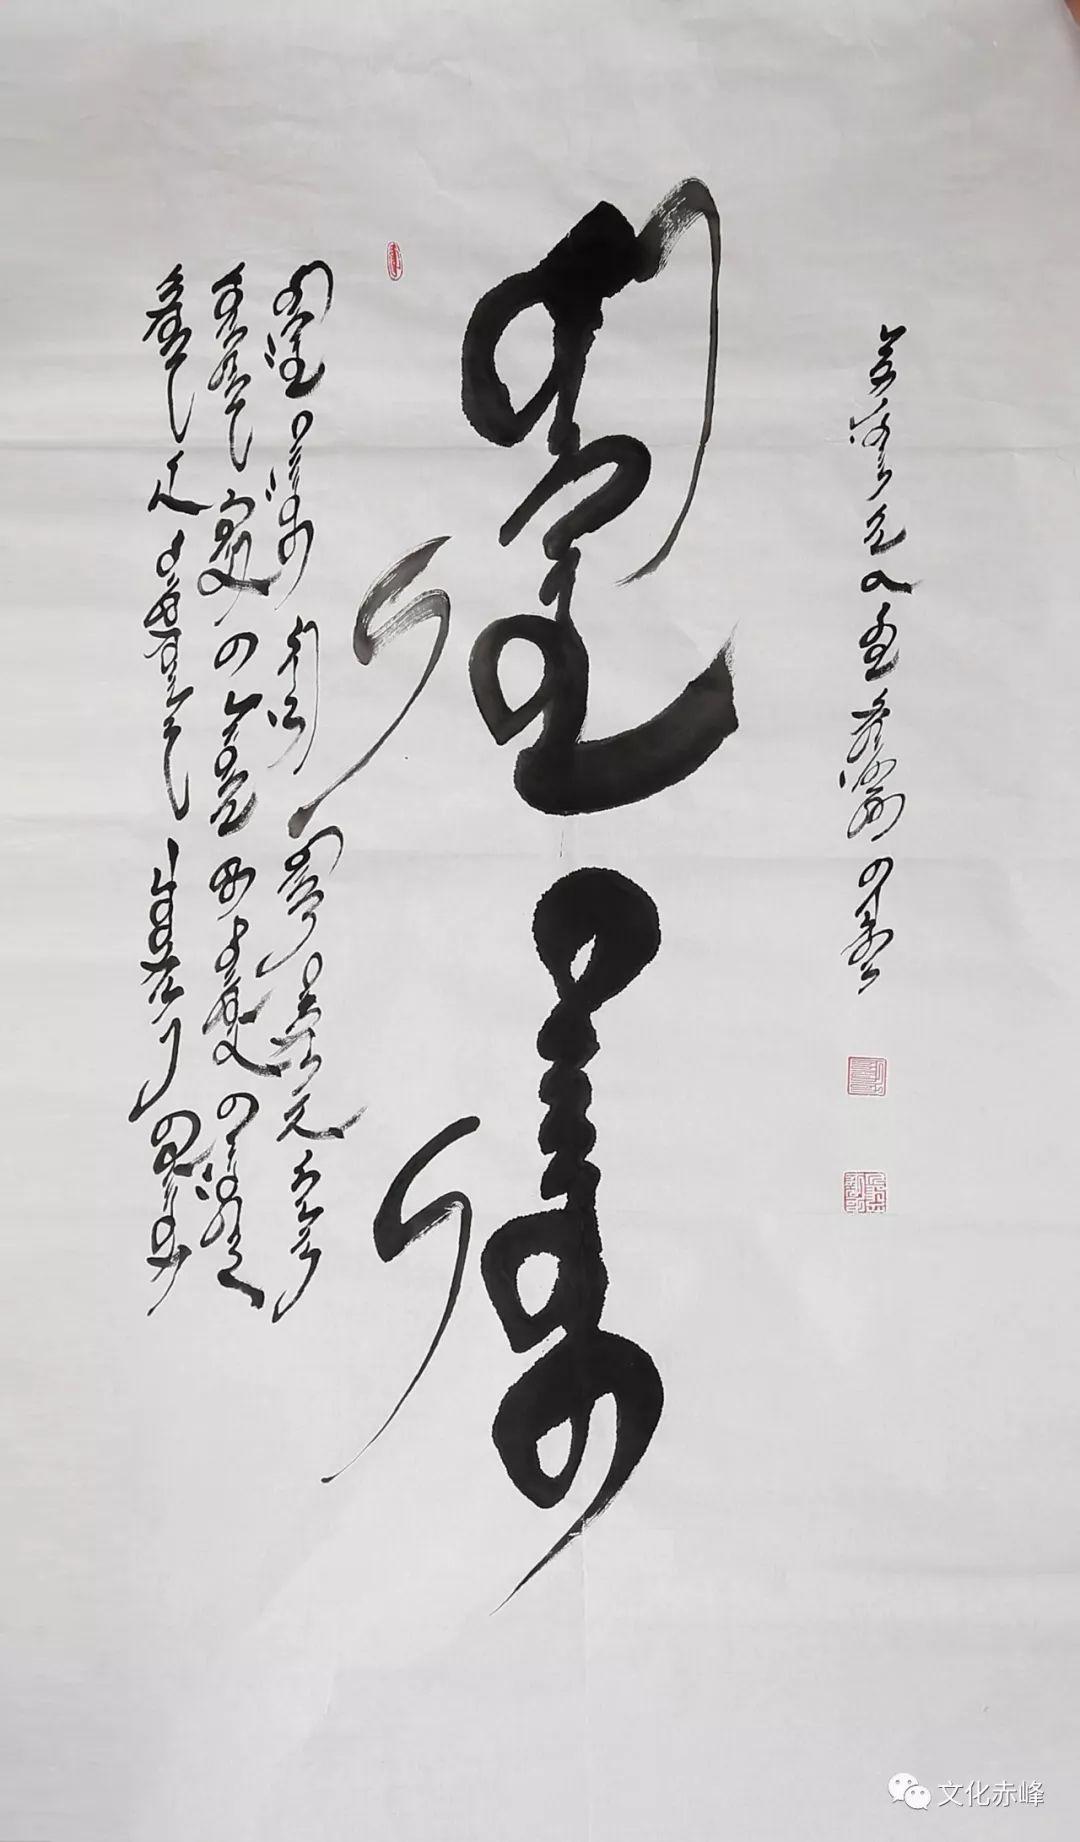 【文化赤峰】额尔敦巴图蒙古文书法作品欣赏! 第3张 【文化赤峰】额尔敦巴图蒙古文书法作品欣赏! 蒙古书法